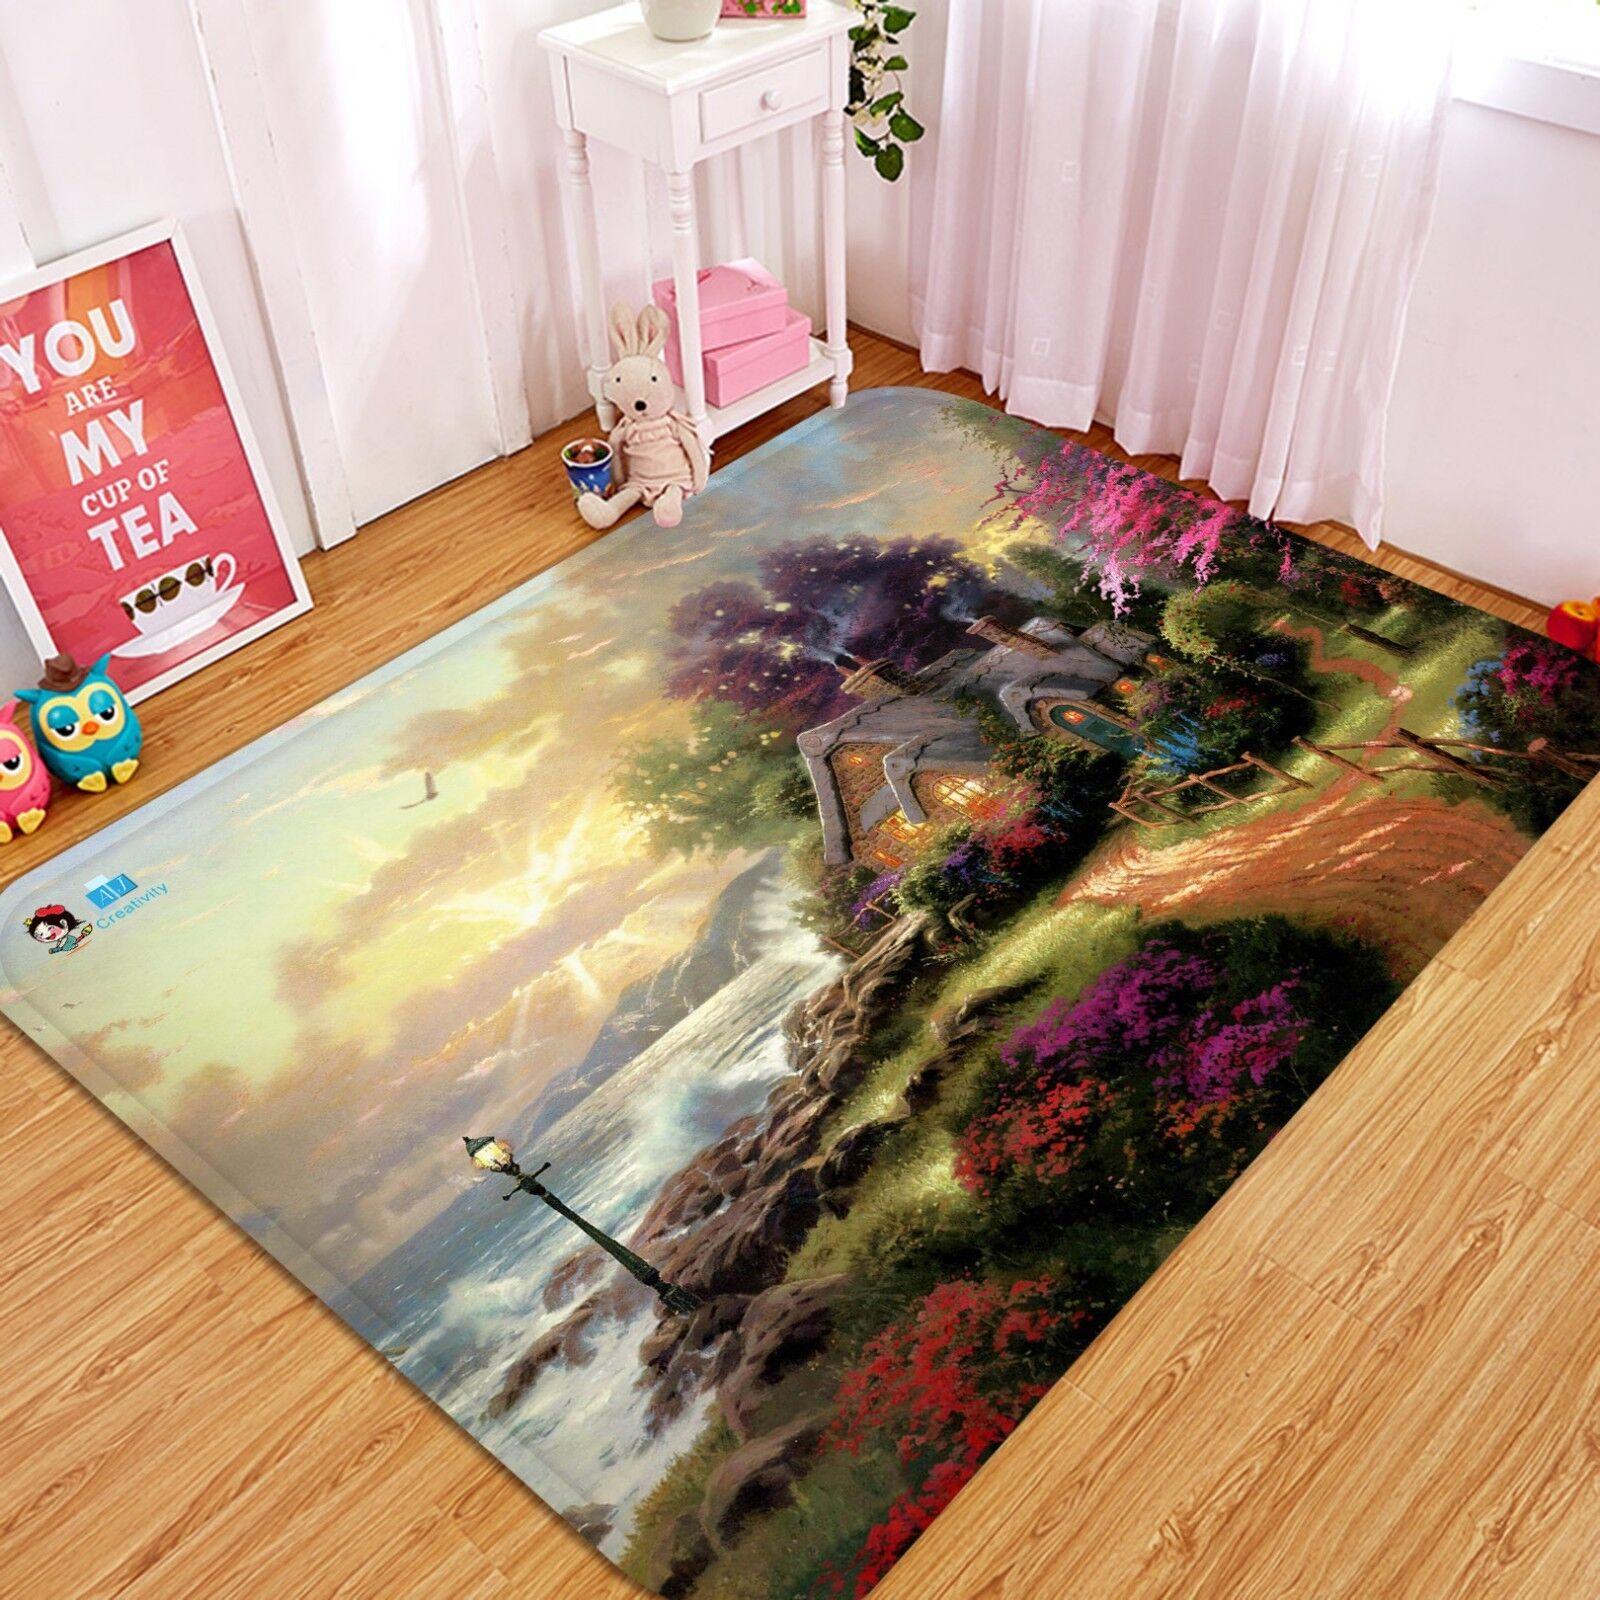 3D Fairy Tale Houses68 Non Slip Slip Slip Rug Mat Room Mat Quality Elegant Photo Carpet US 2dff63